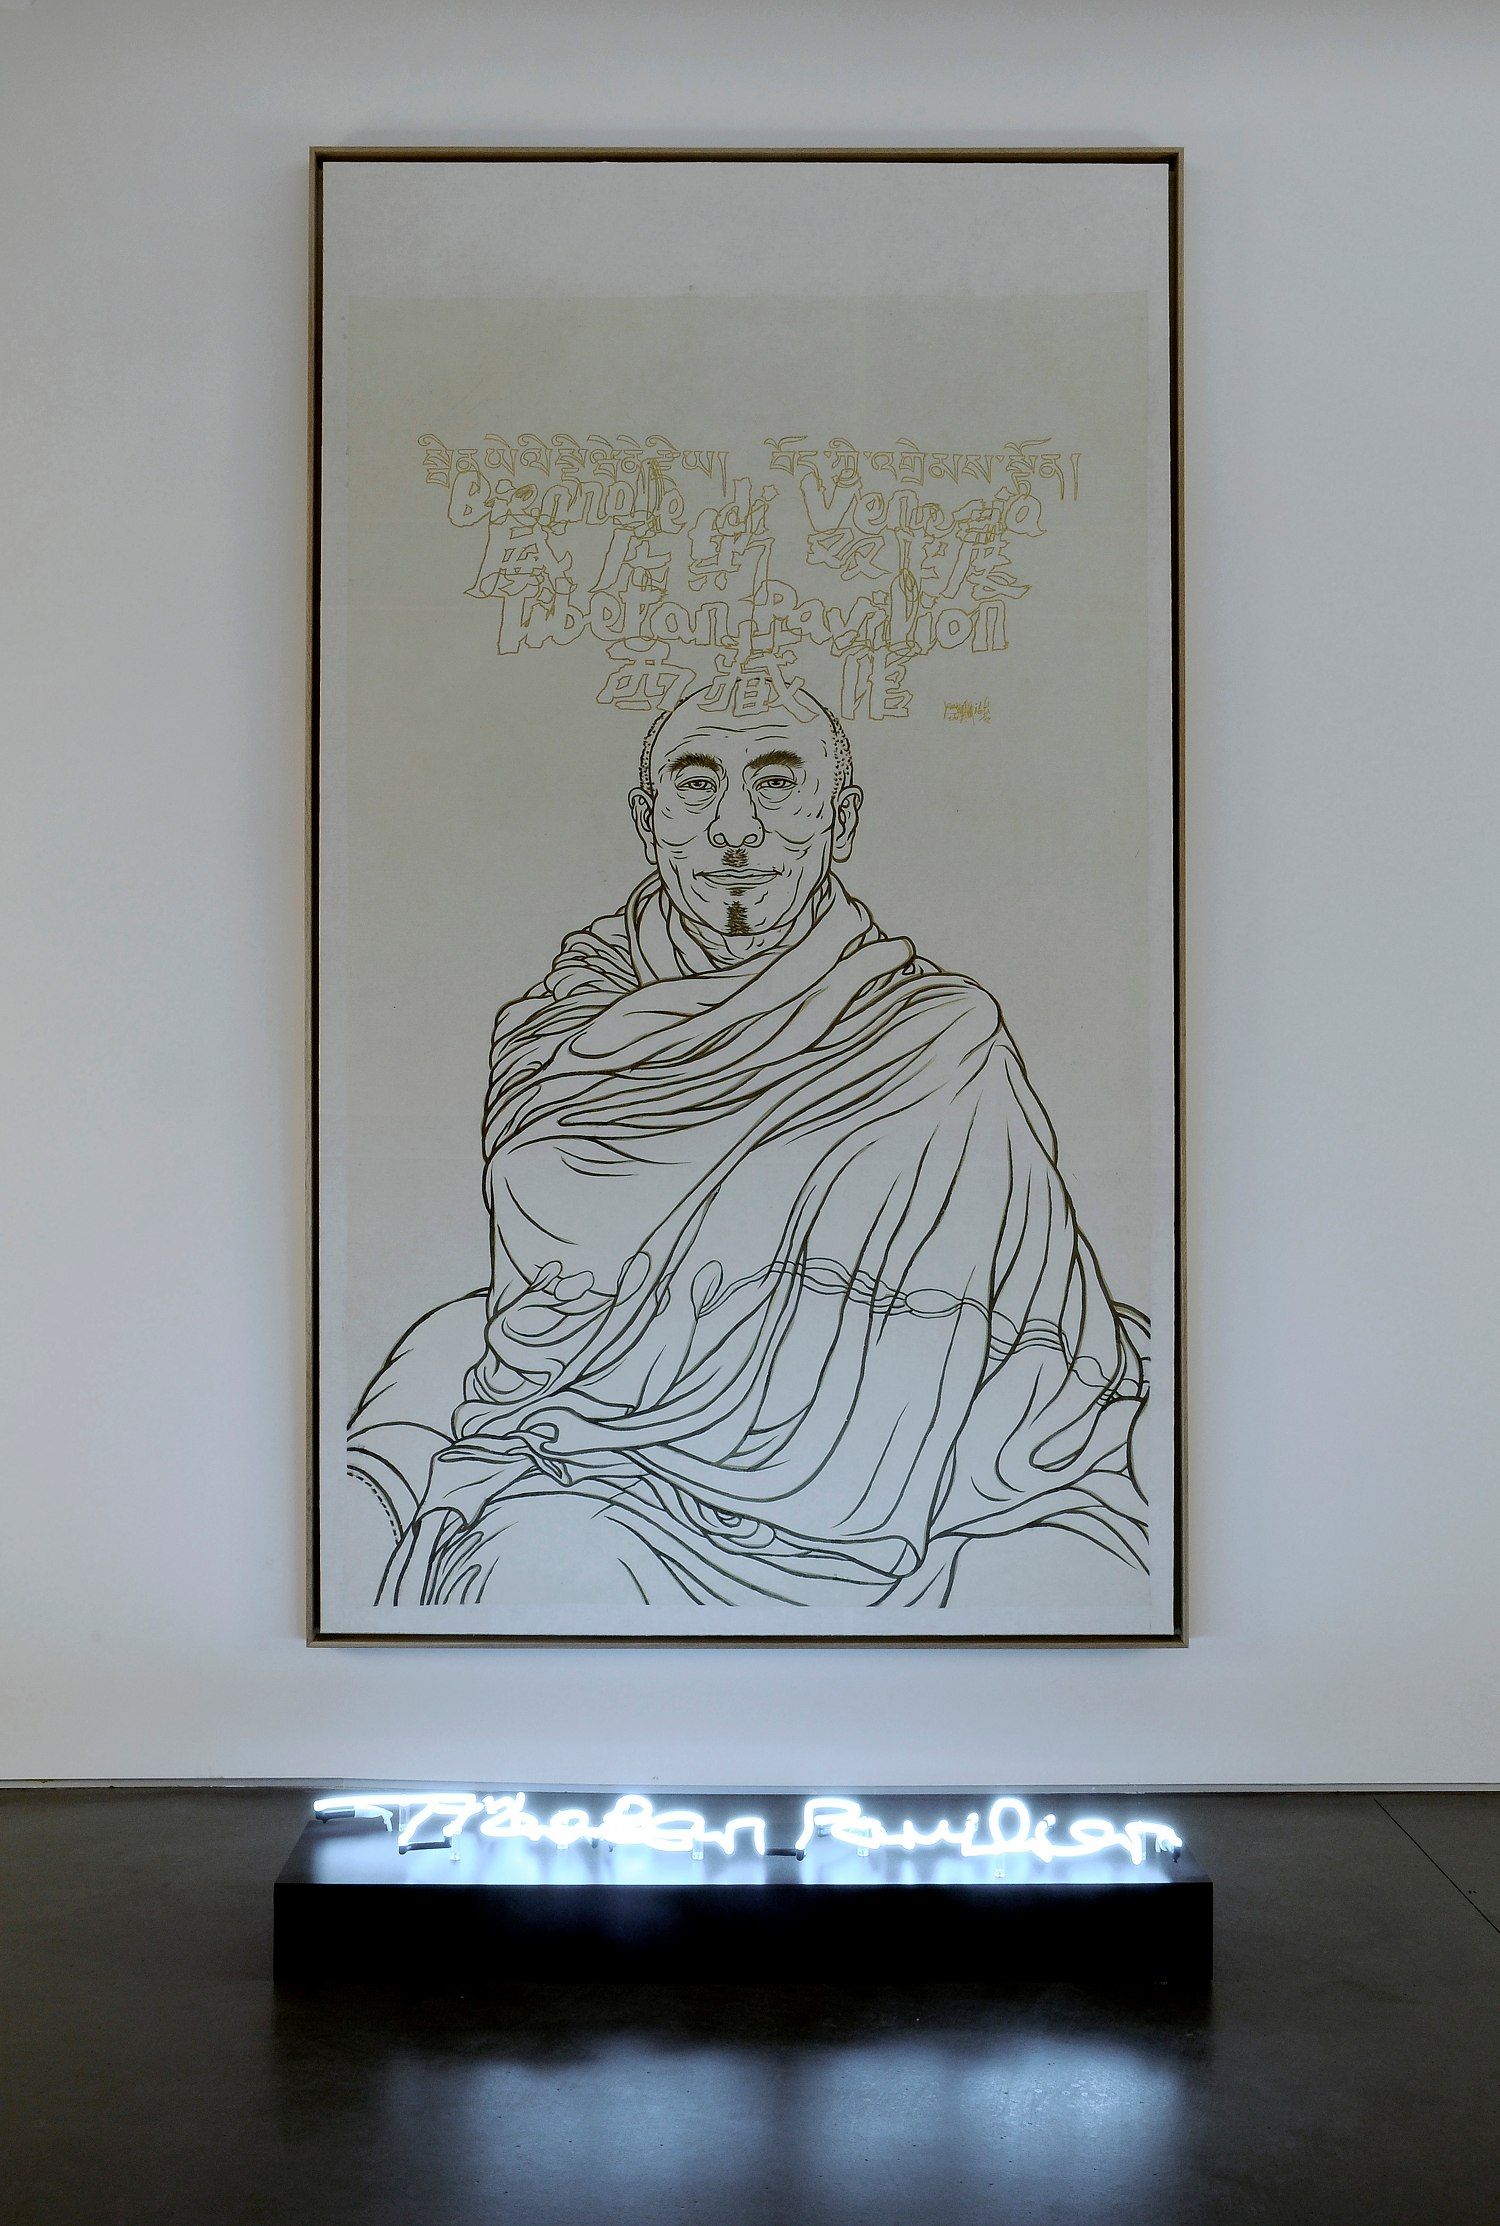 Yang Jiechang